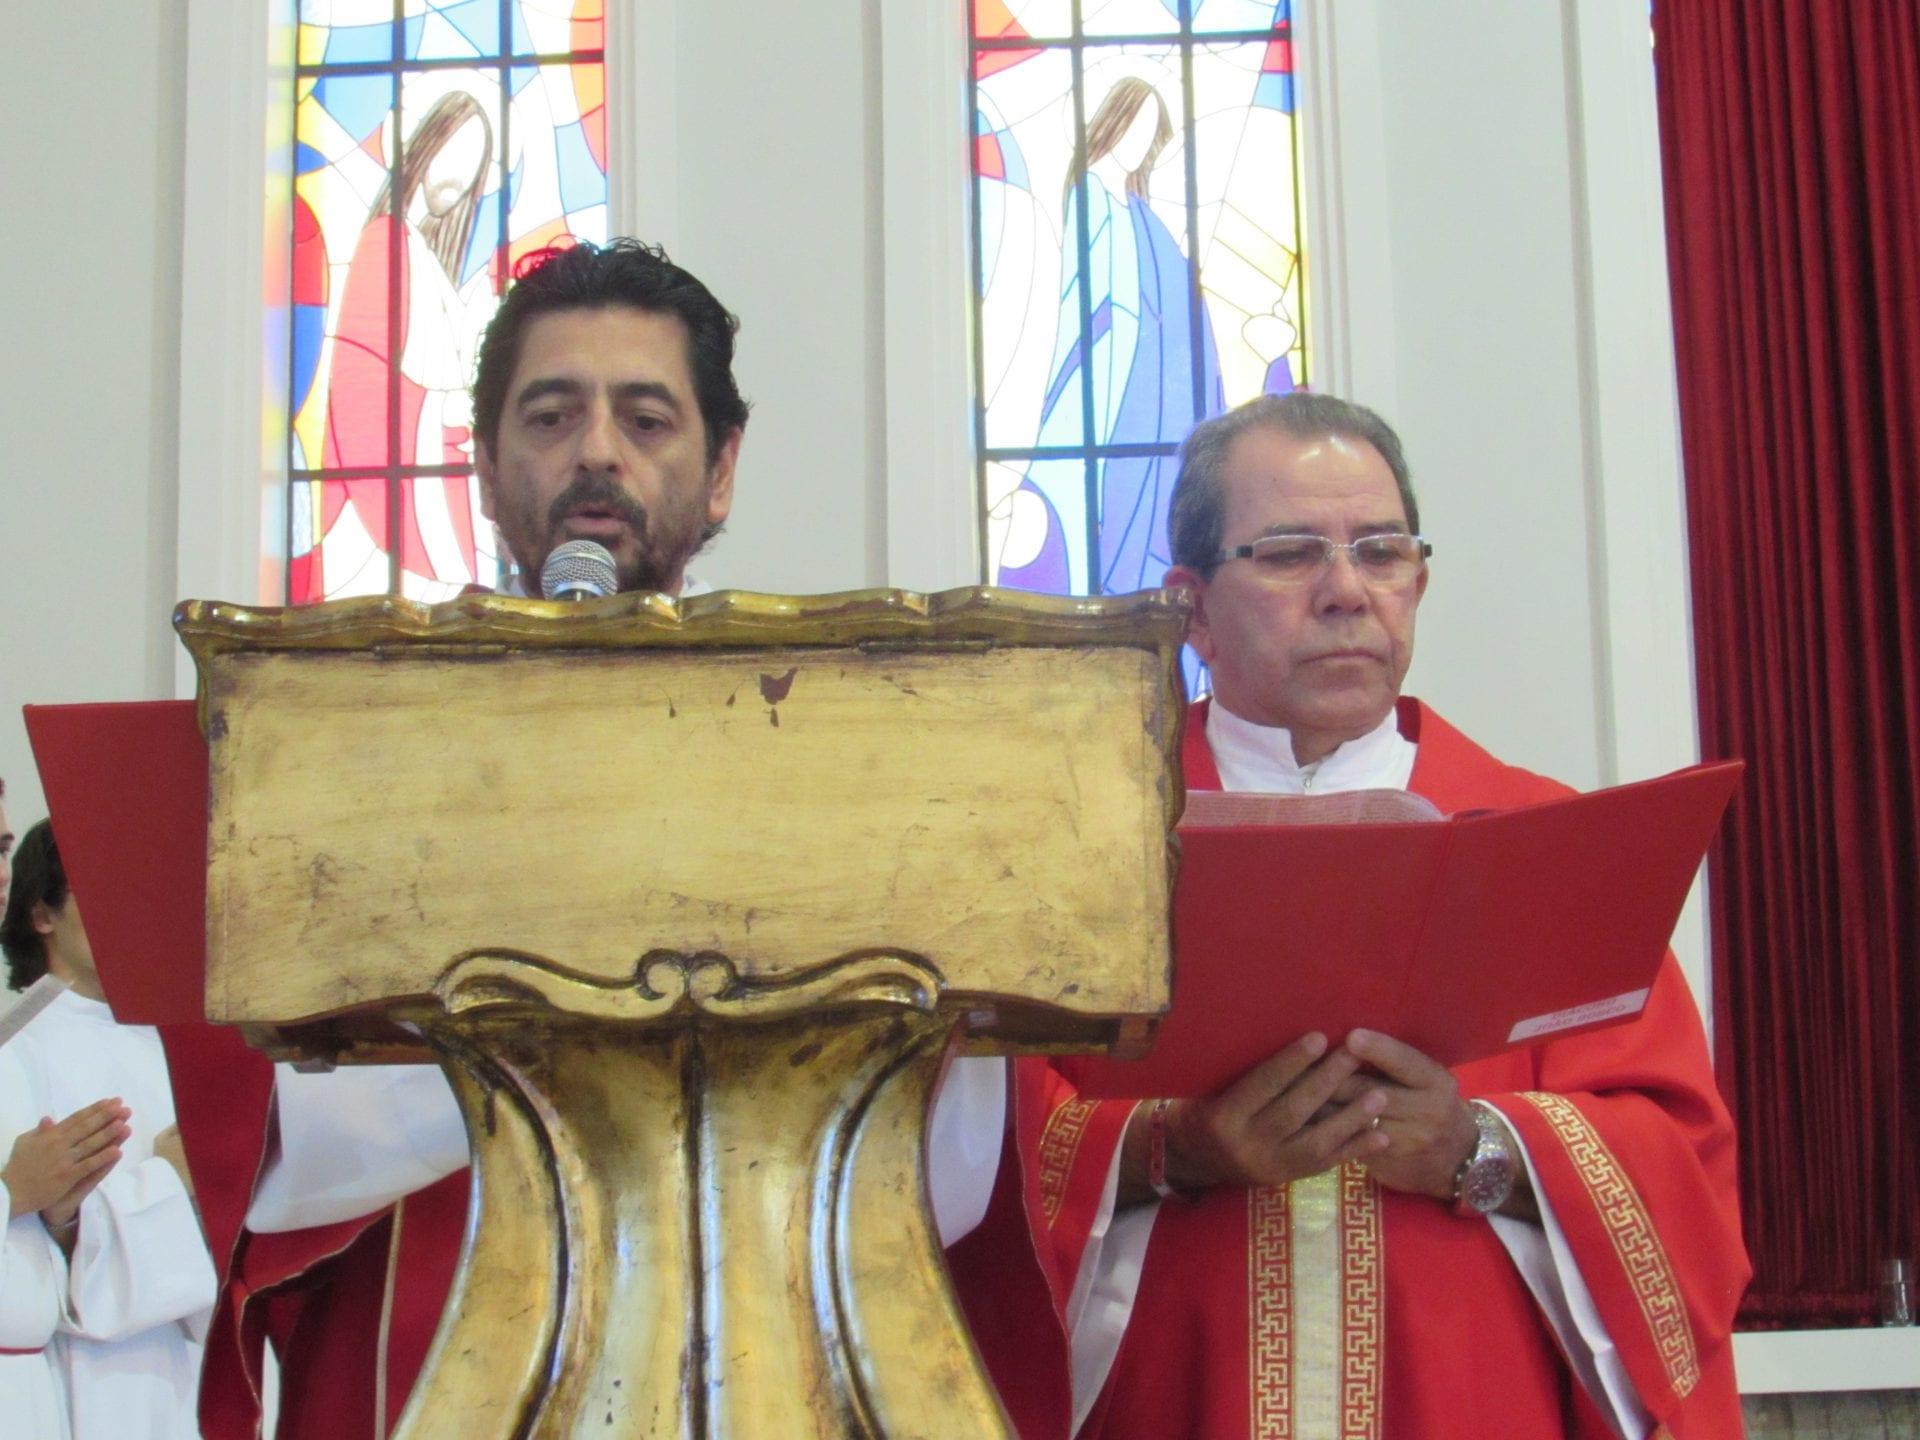 AÇÃO LITÚRGICA DA PAIXÃO NA CATEDRAL